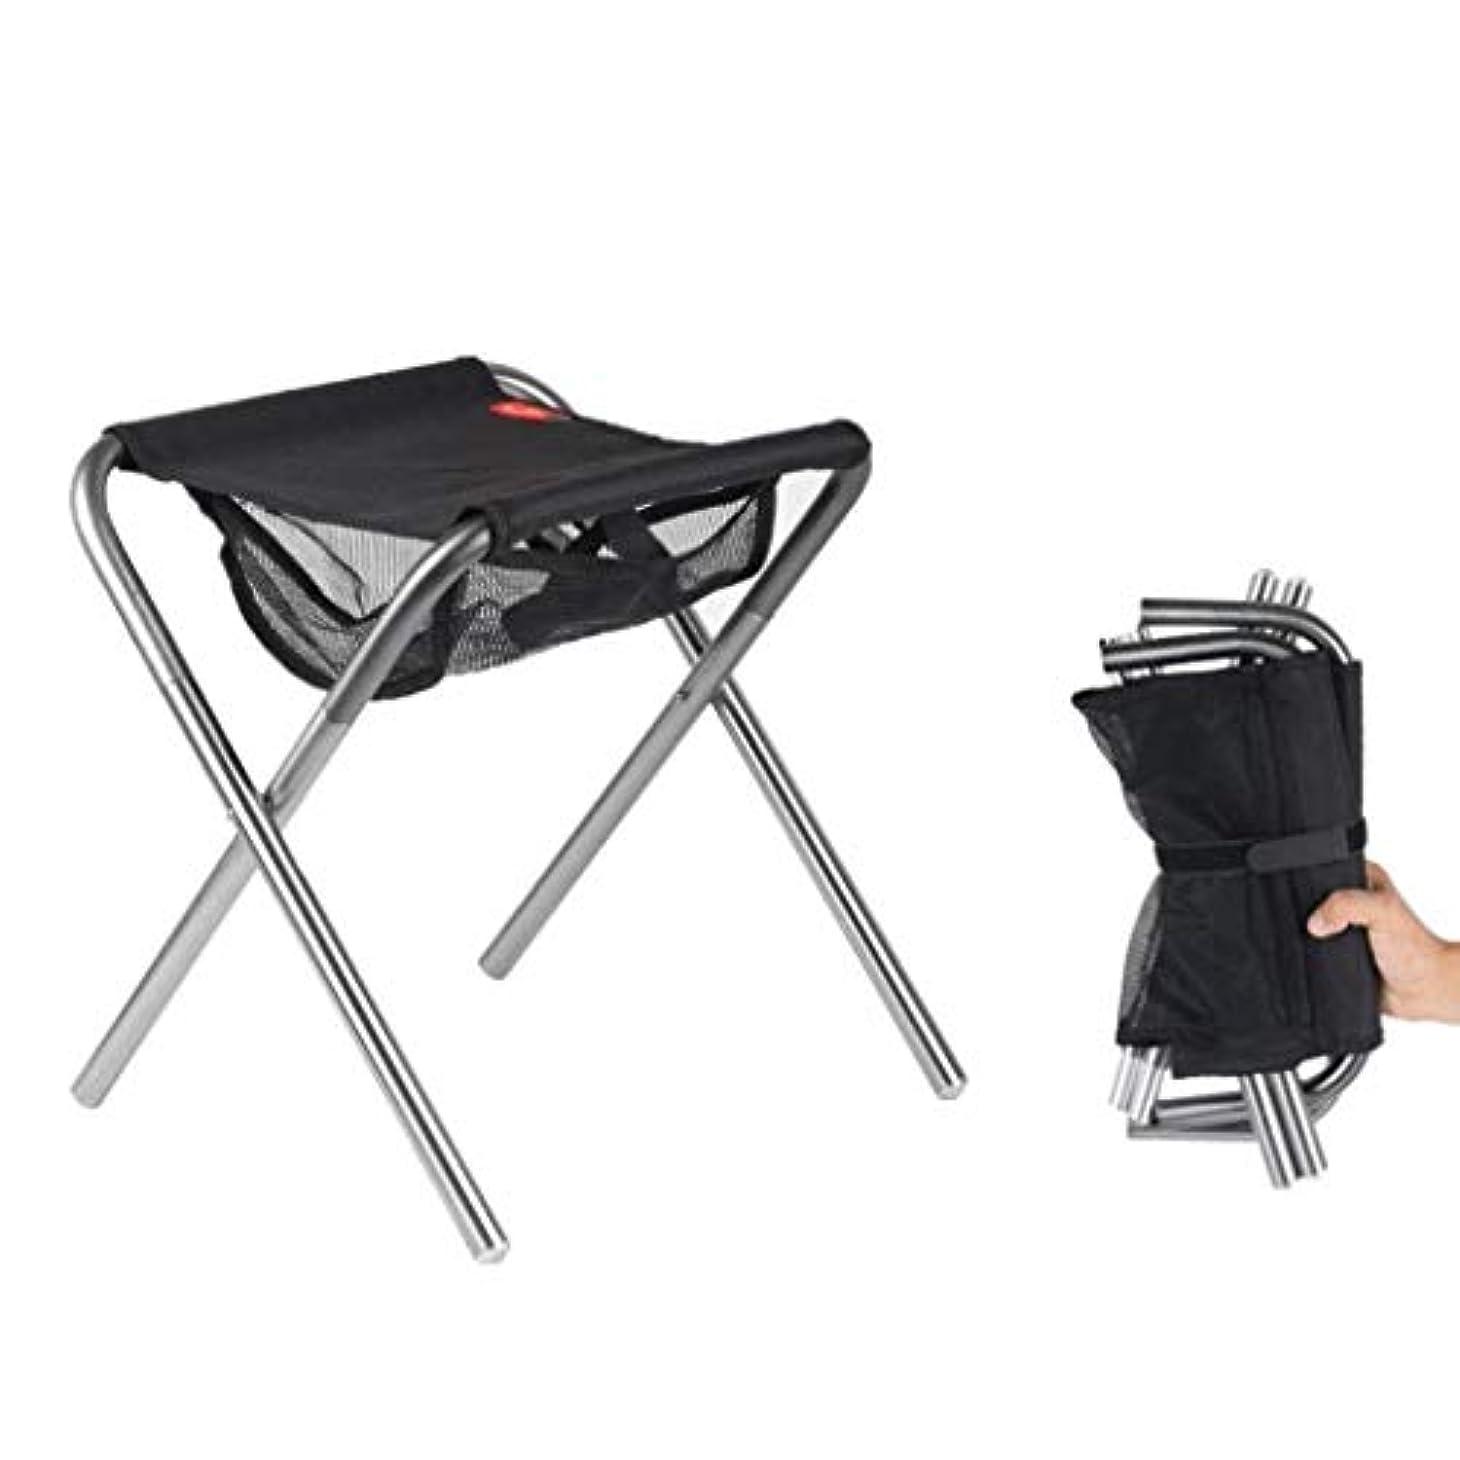 所得共産主義者コストWJMYYX キャンプスツールヘビーデューティハイキング折りたたみ椅子シート軽量折りたたみスツール折りたたみ式釣りスツール理想的なポータブルトラベルチェア (Color : Silver)